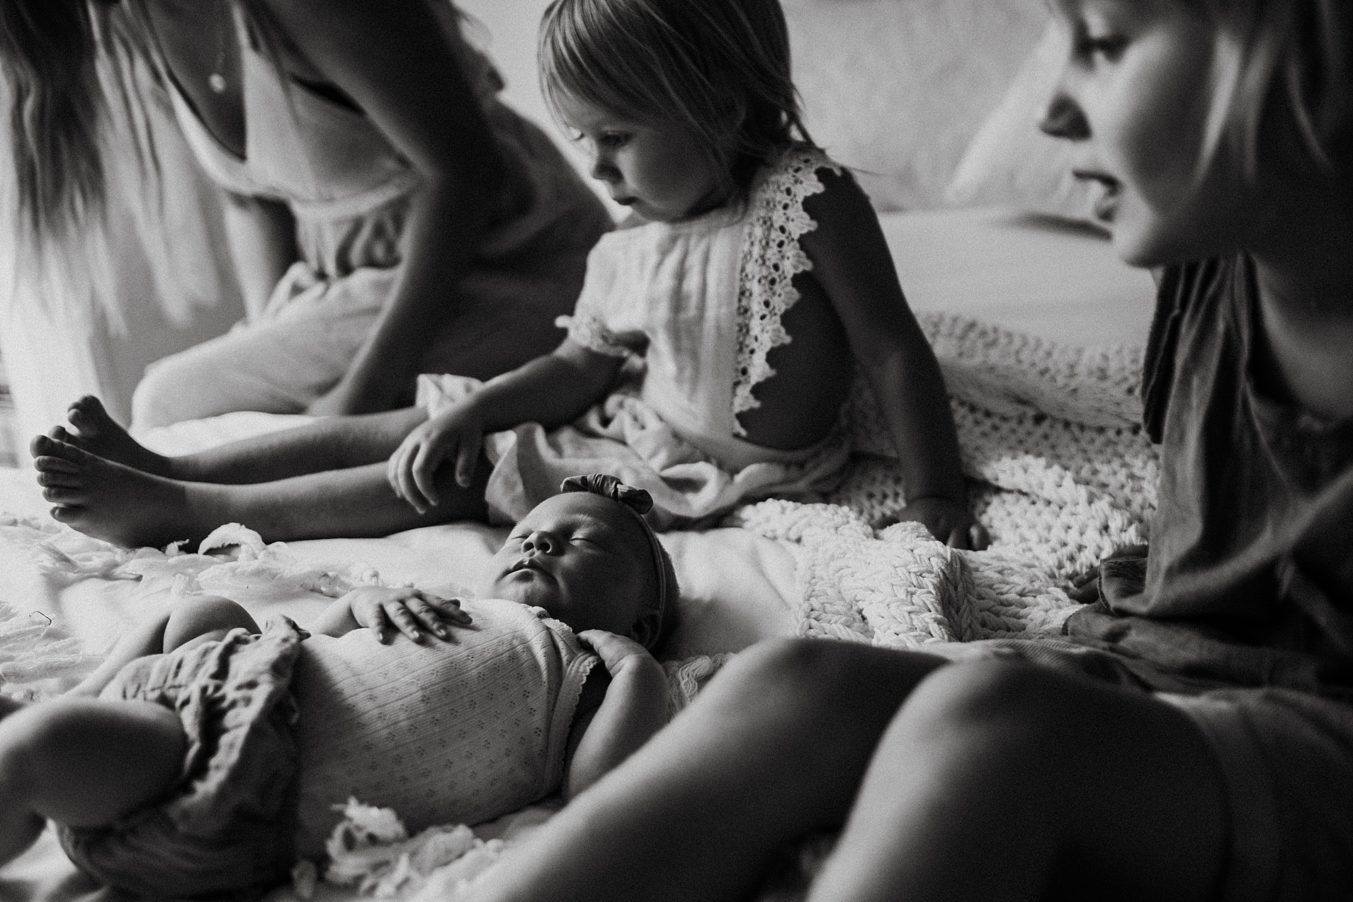 newborn-siblings-on-bed-black-white